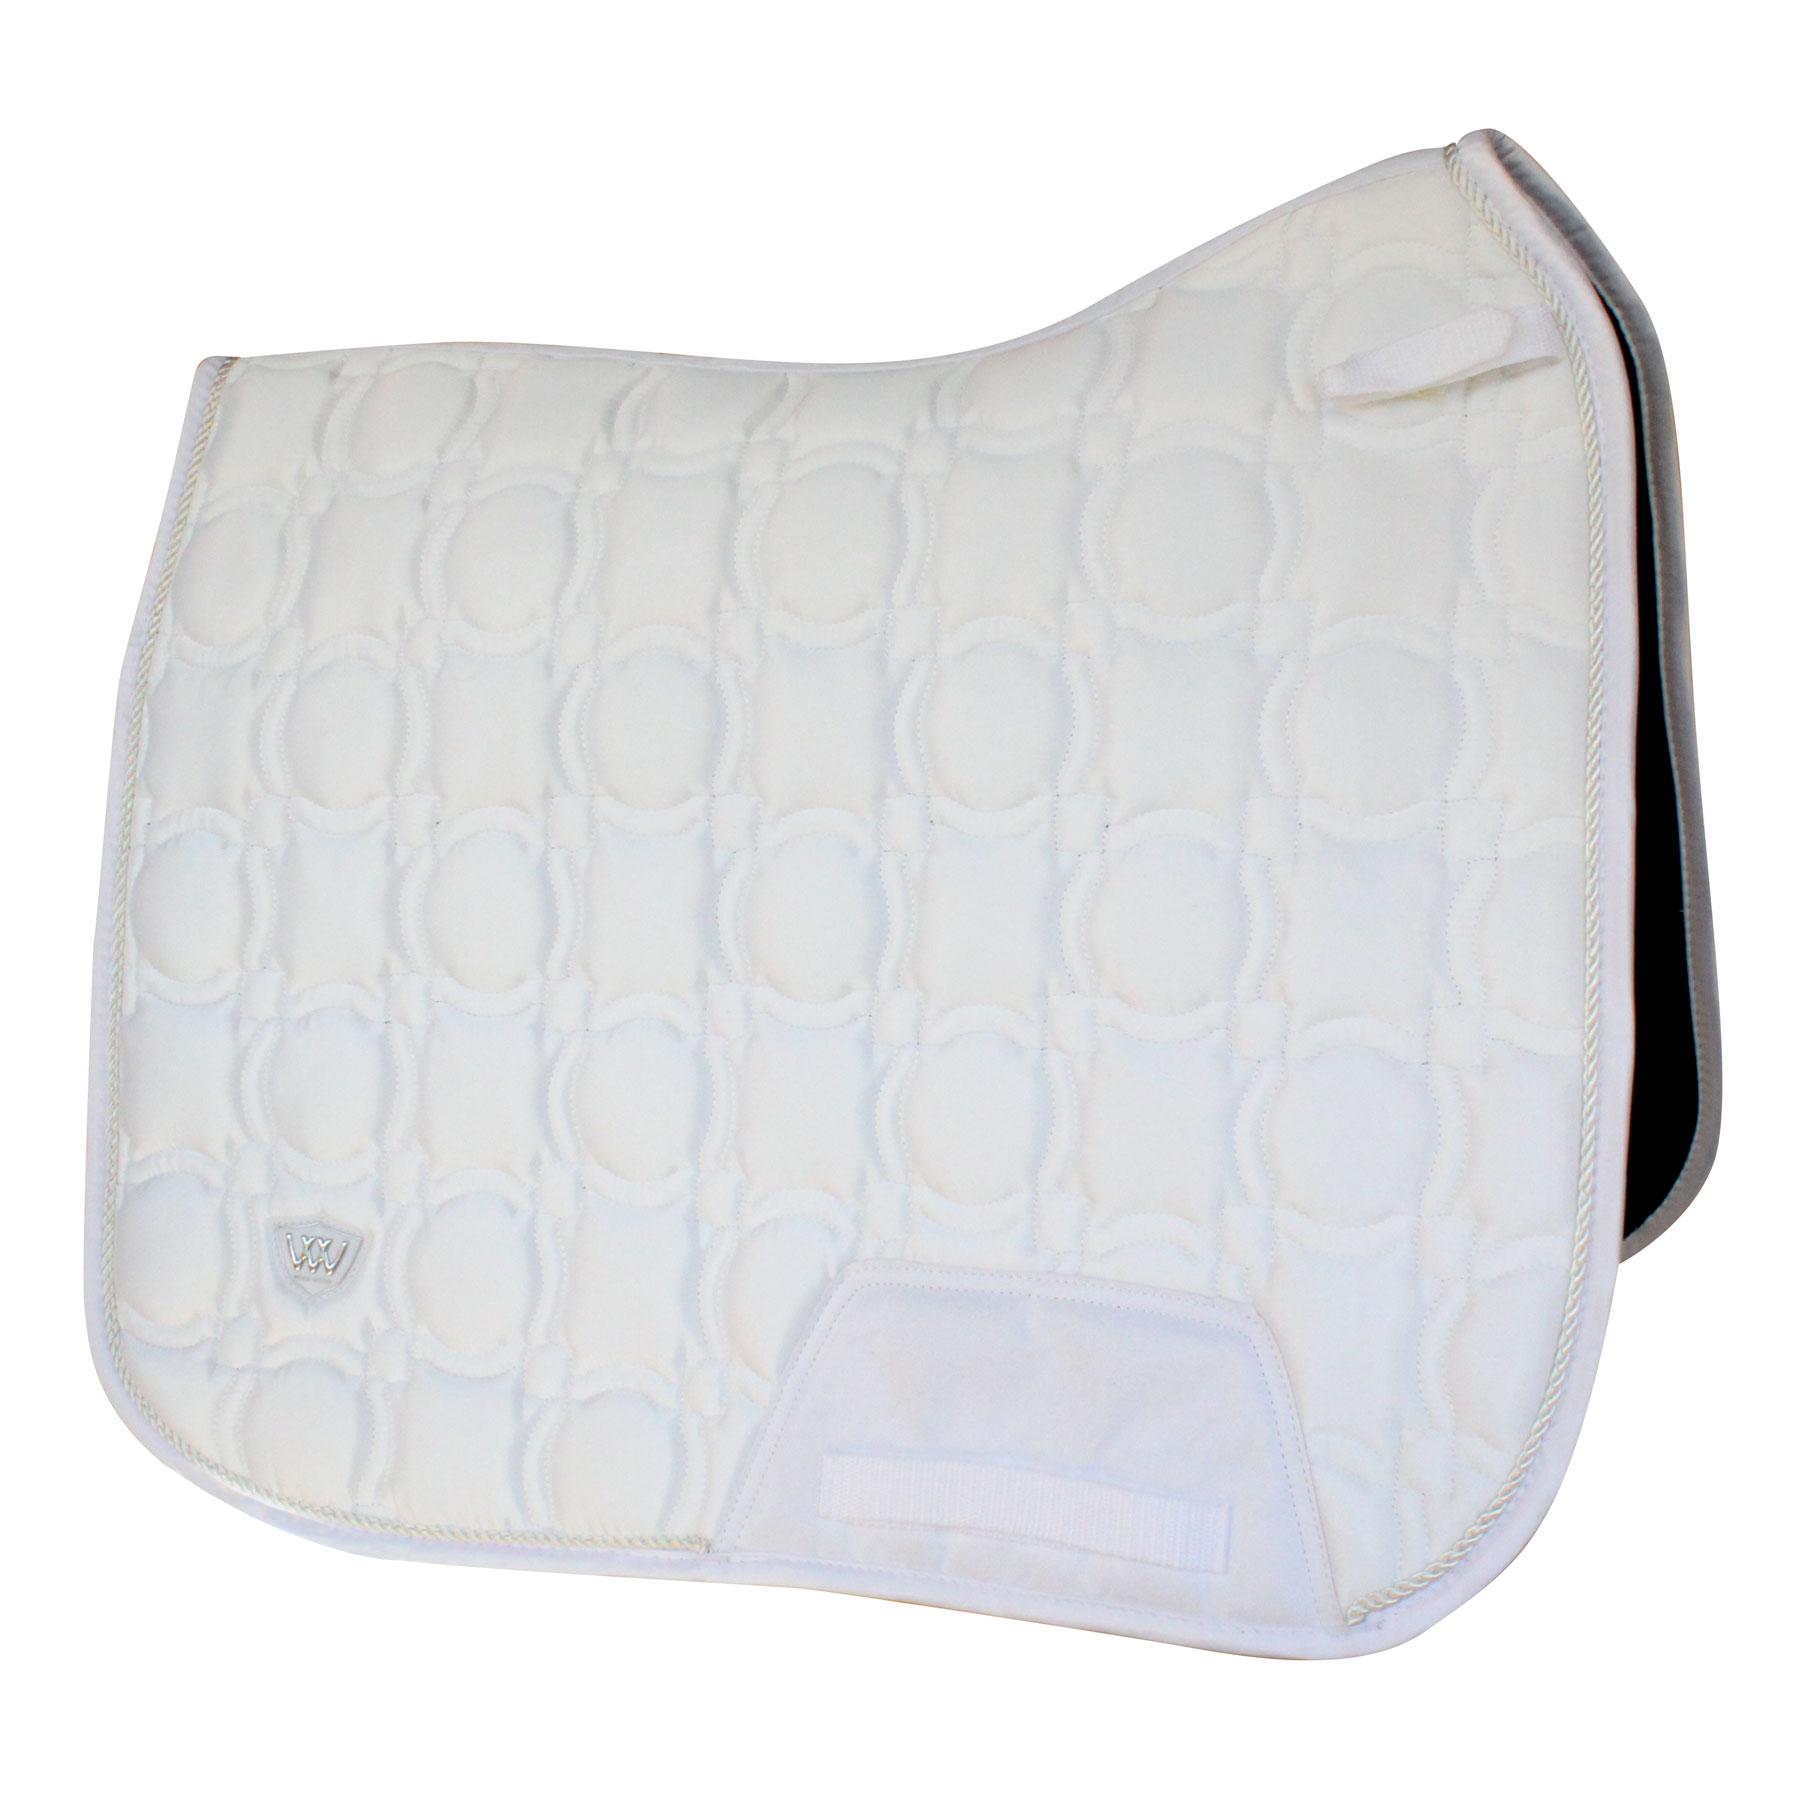 White All Sizes Woof Wear Dressage Saddlery Saddle Pad